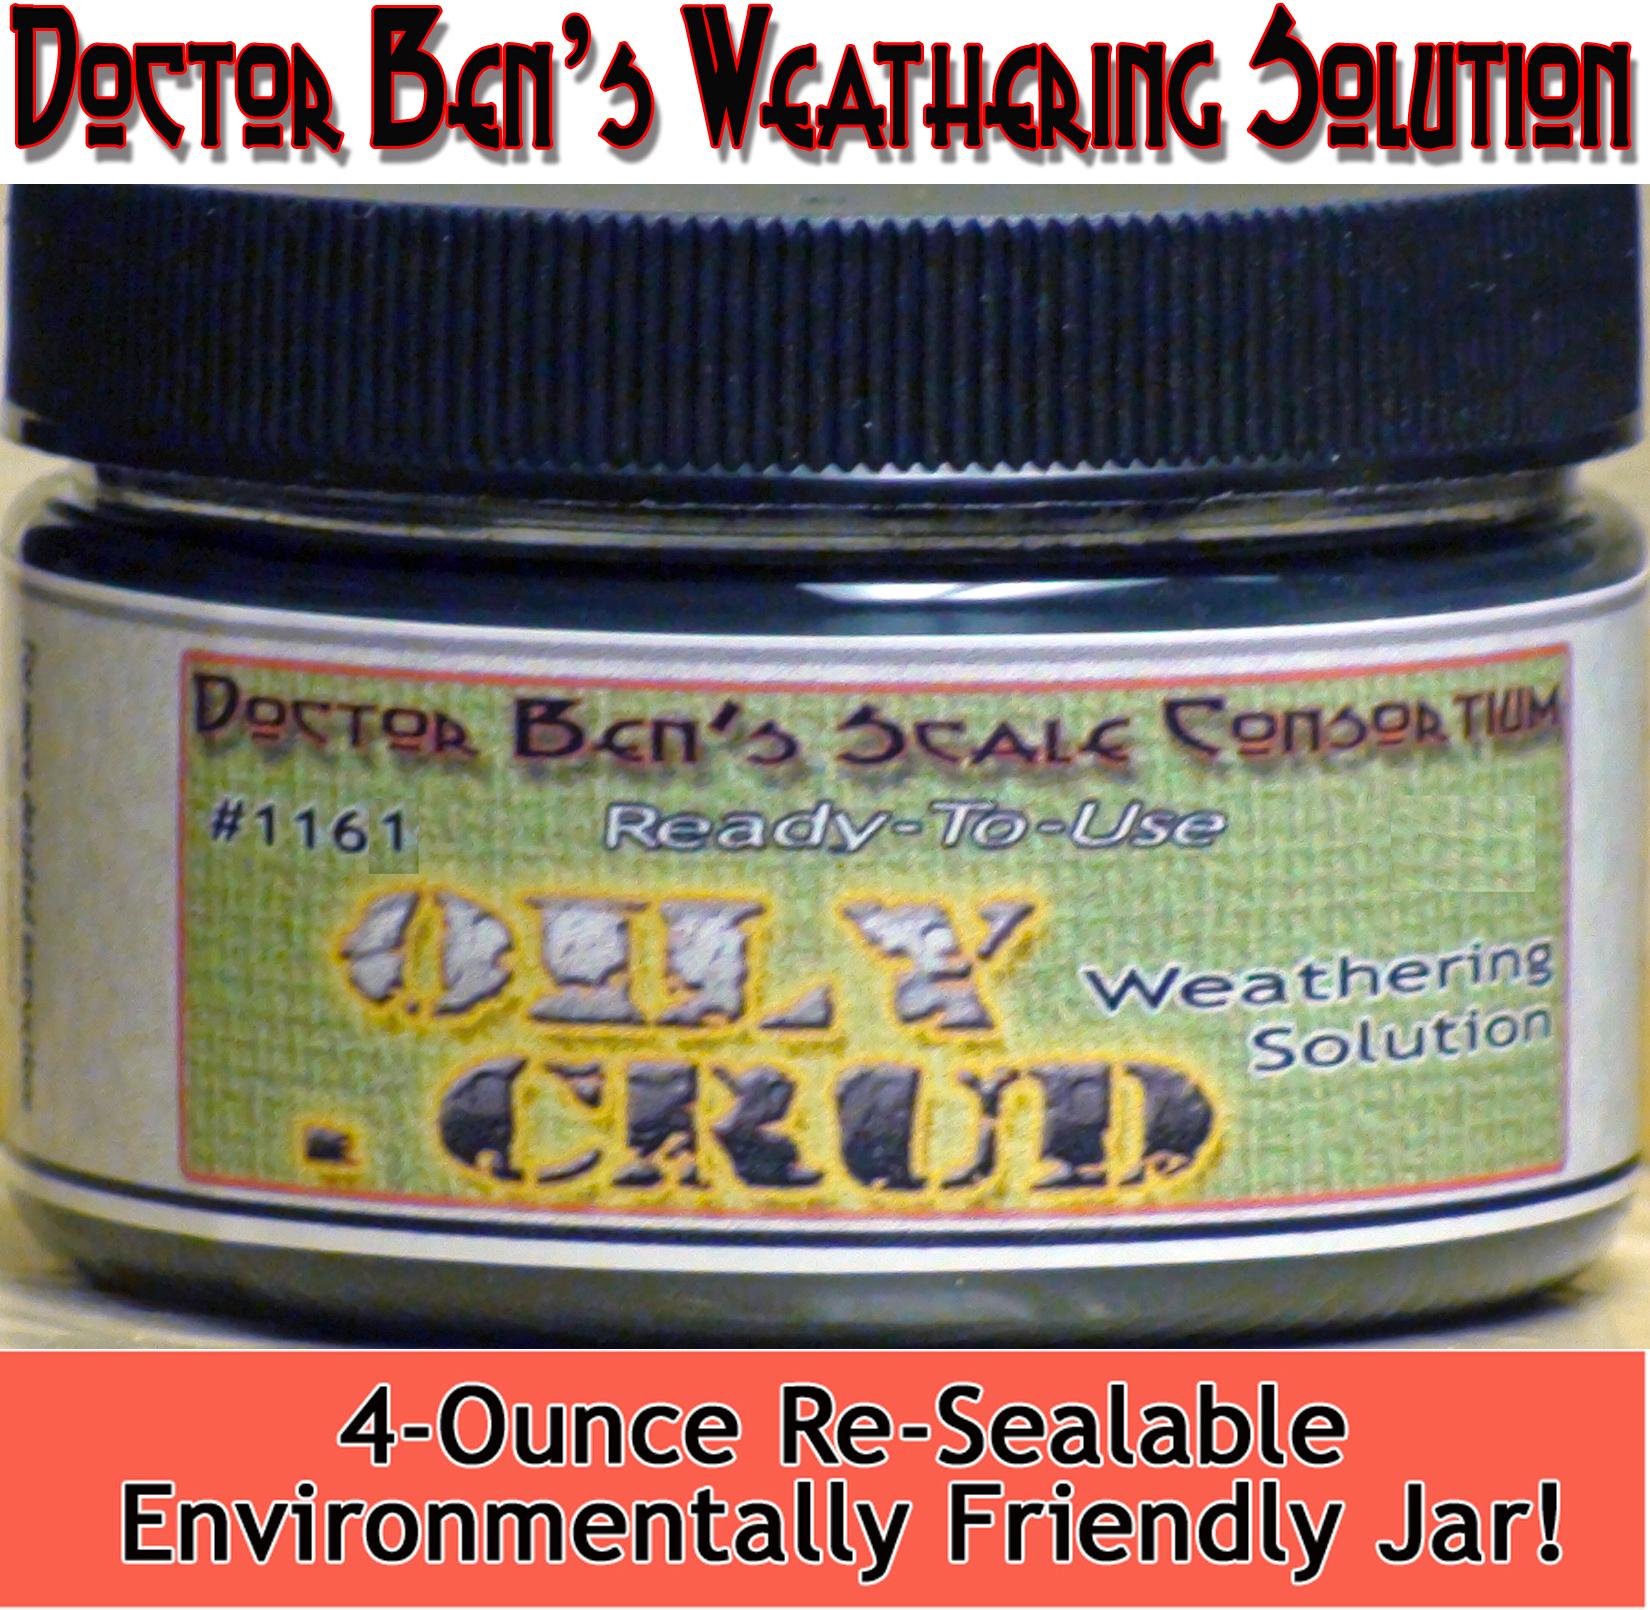 DBZ1161 - Doctor Ben's Weathering Solution